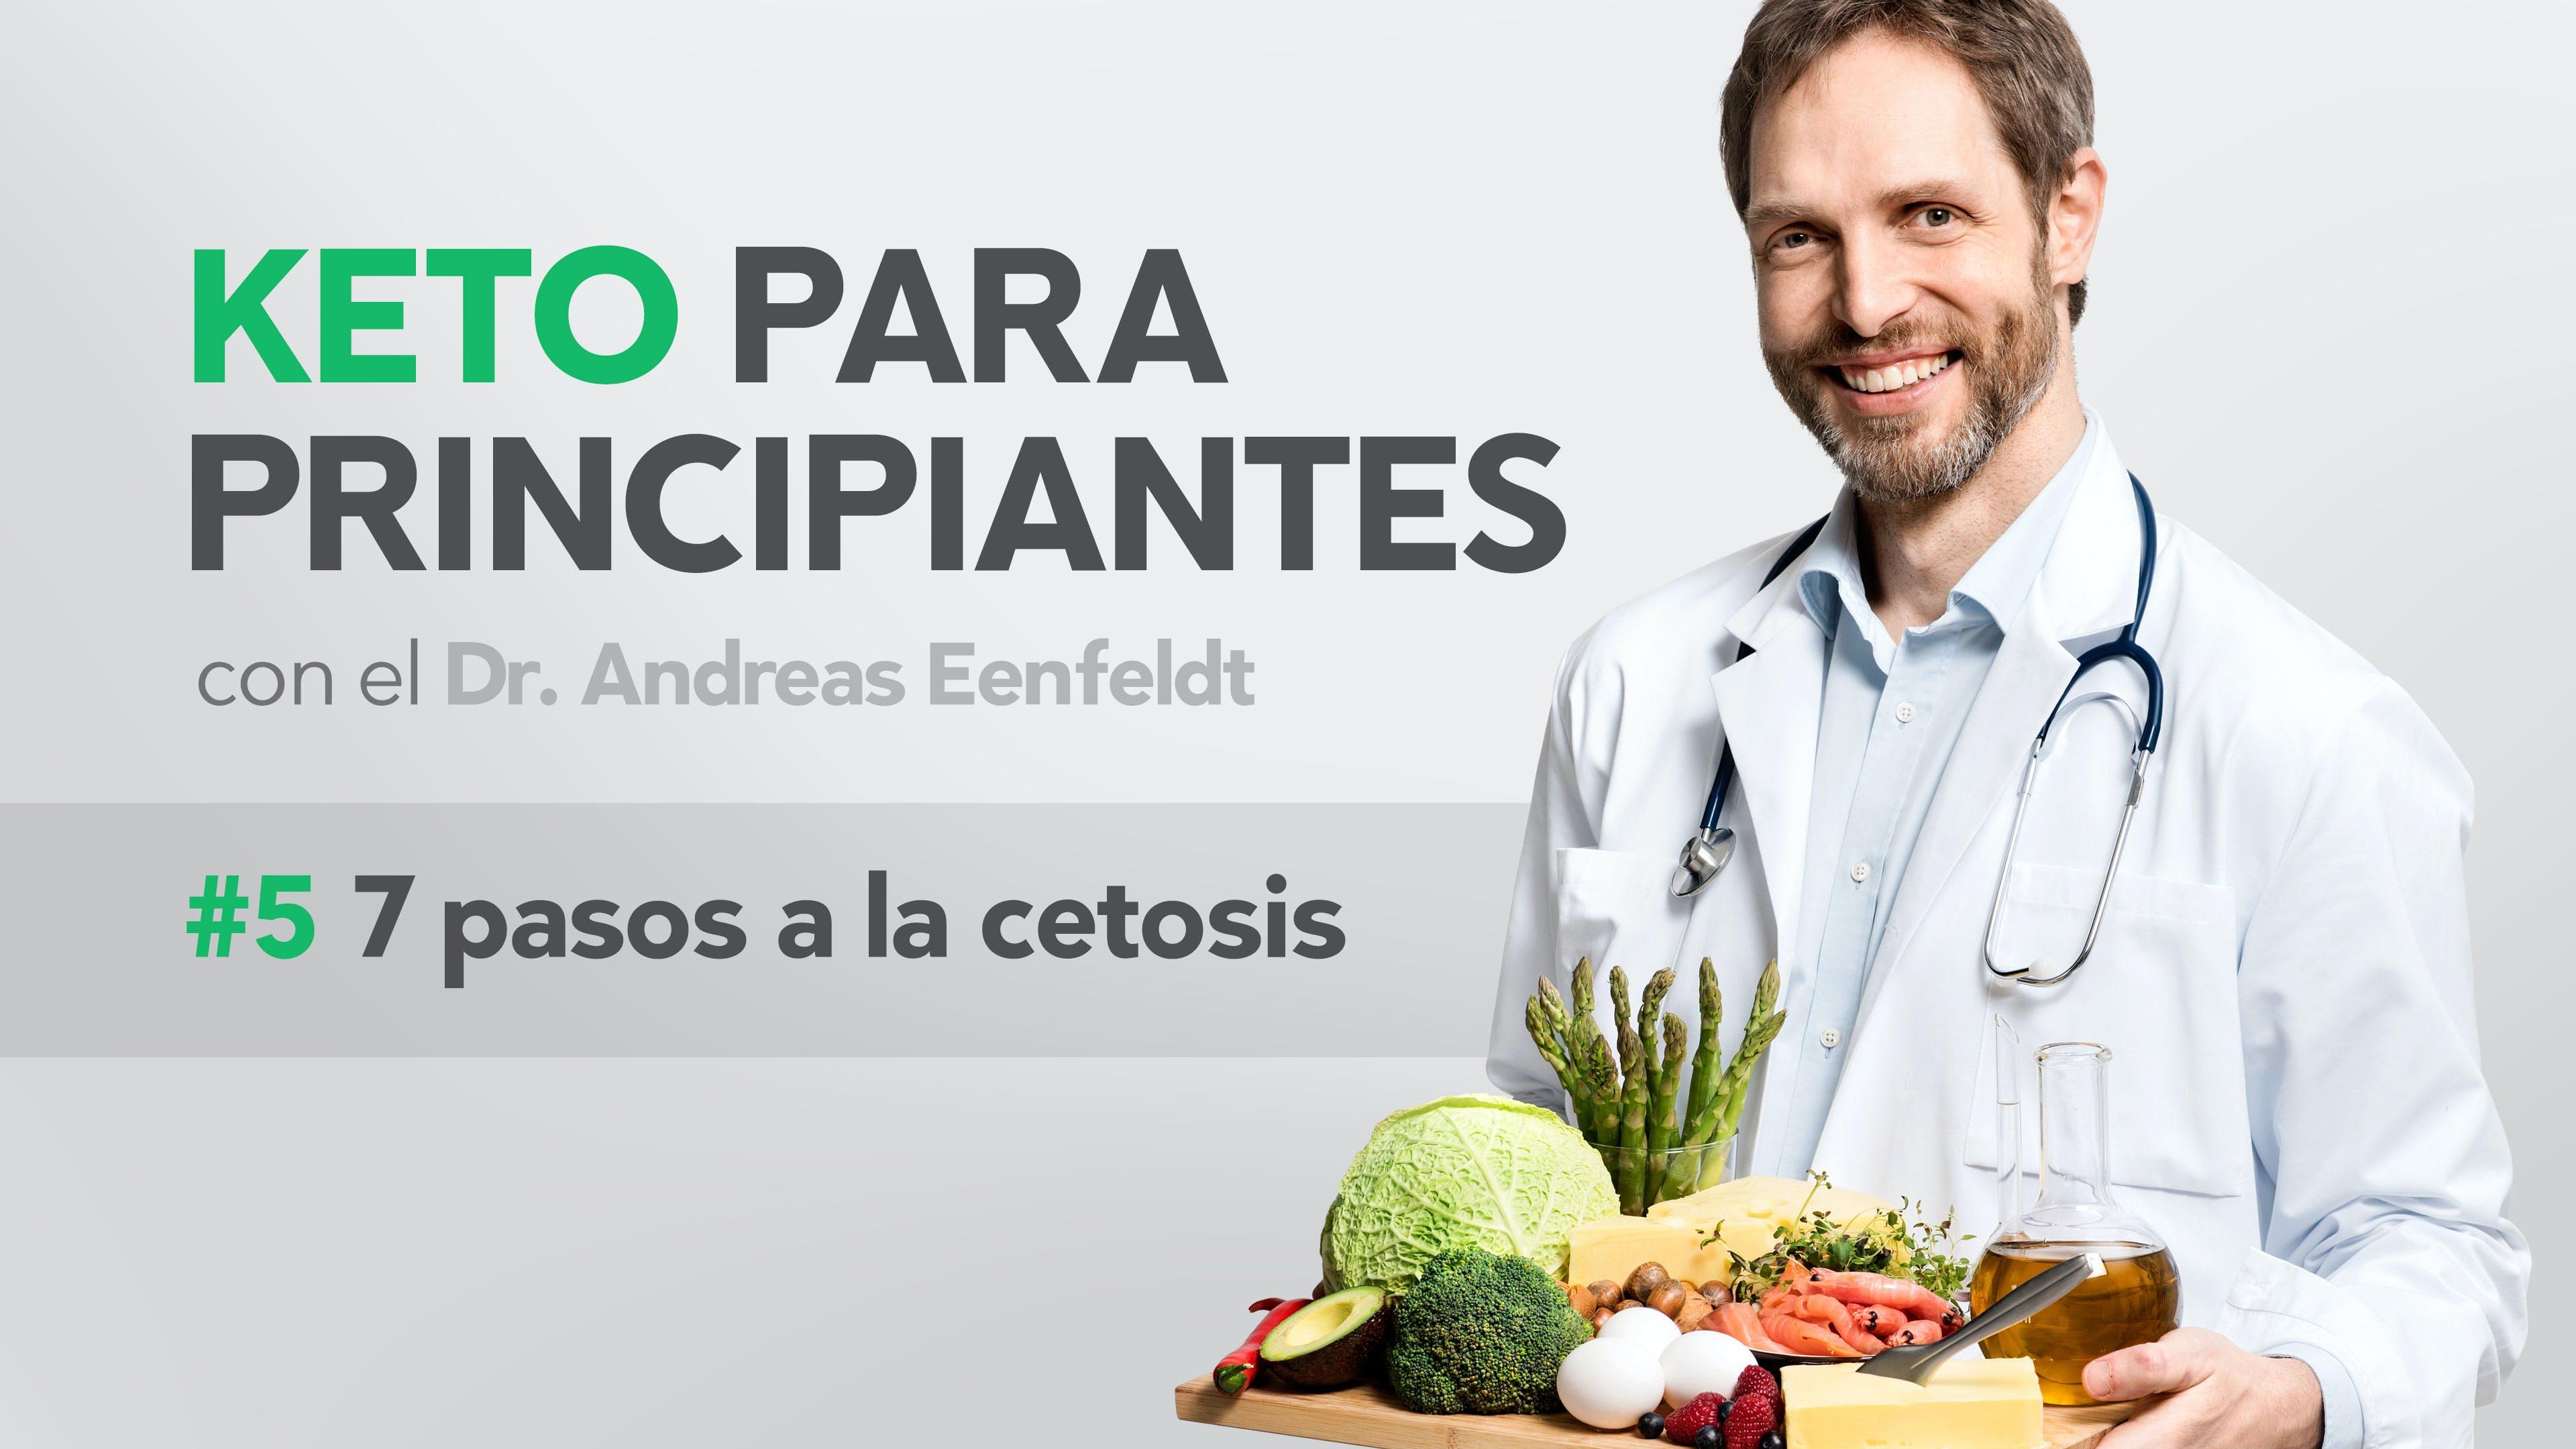 Keto para principiantes: Los 7 pasos para entrar en cetosis